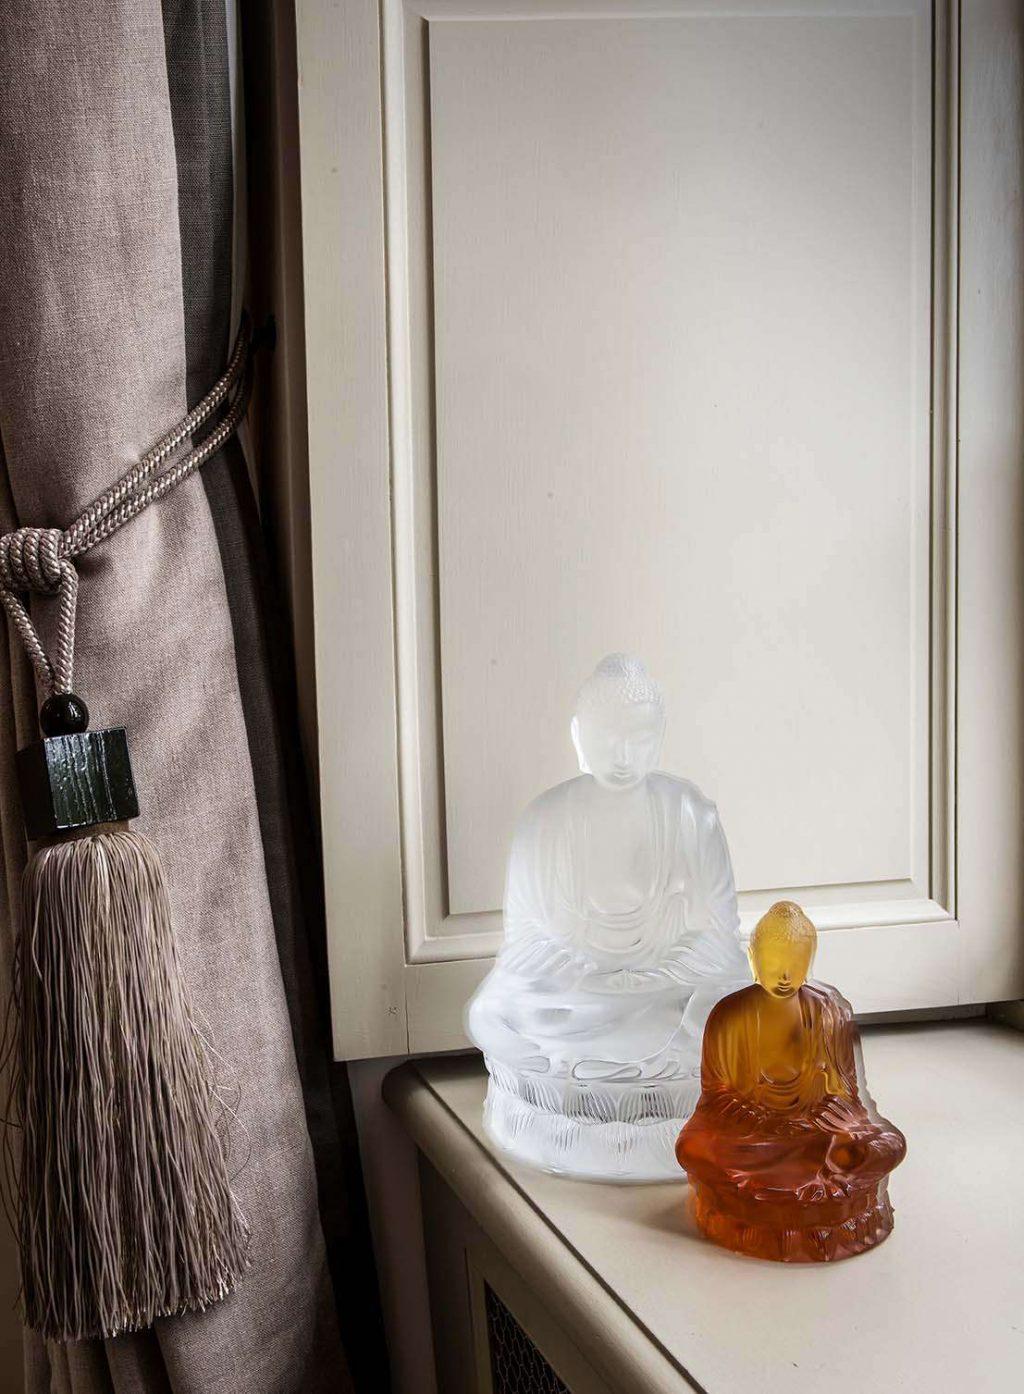 Thương hiệu Lalique khai trương cửa hàng tại Hà Nội 3